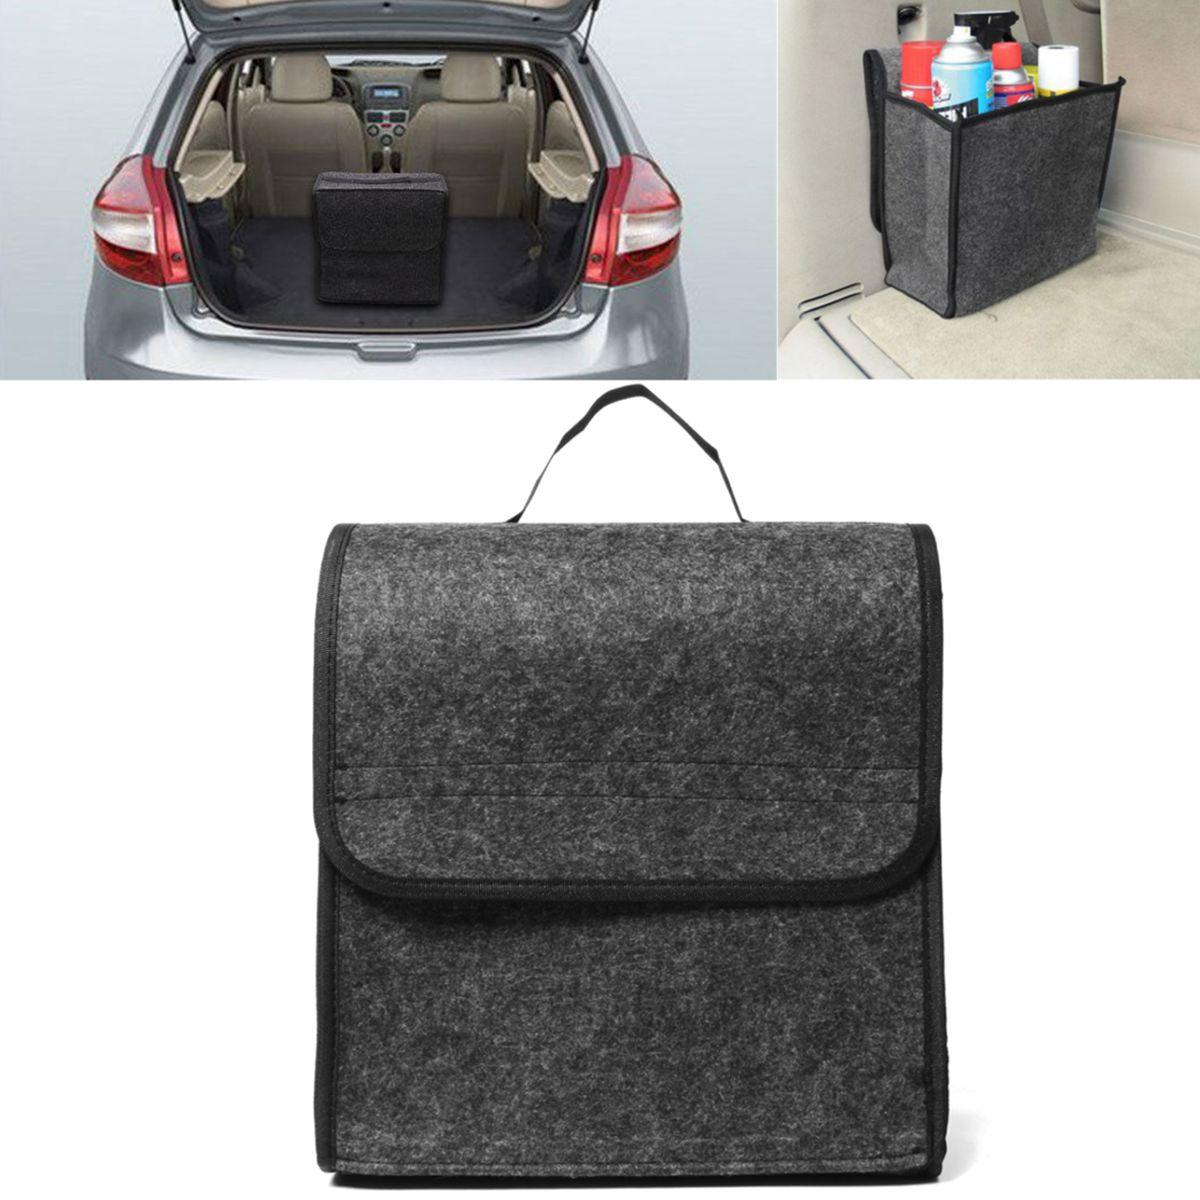 11.8x11.4 x6.3inch Felt Cloth Foldable Car Back Rear Seat Organizer Travel Storage Interior Bag Hold